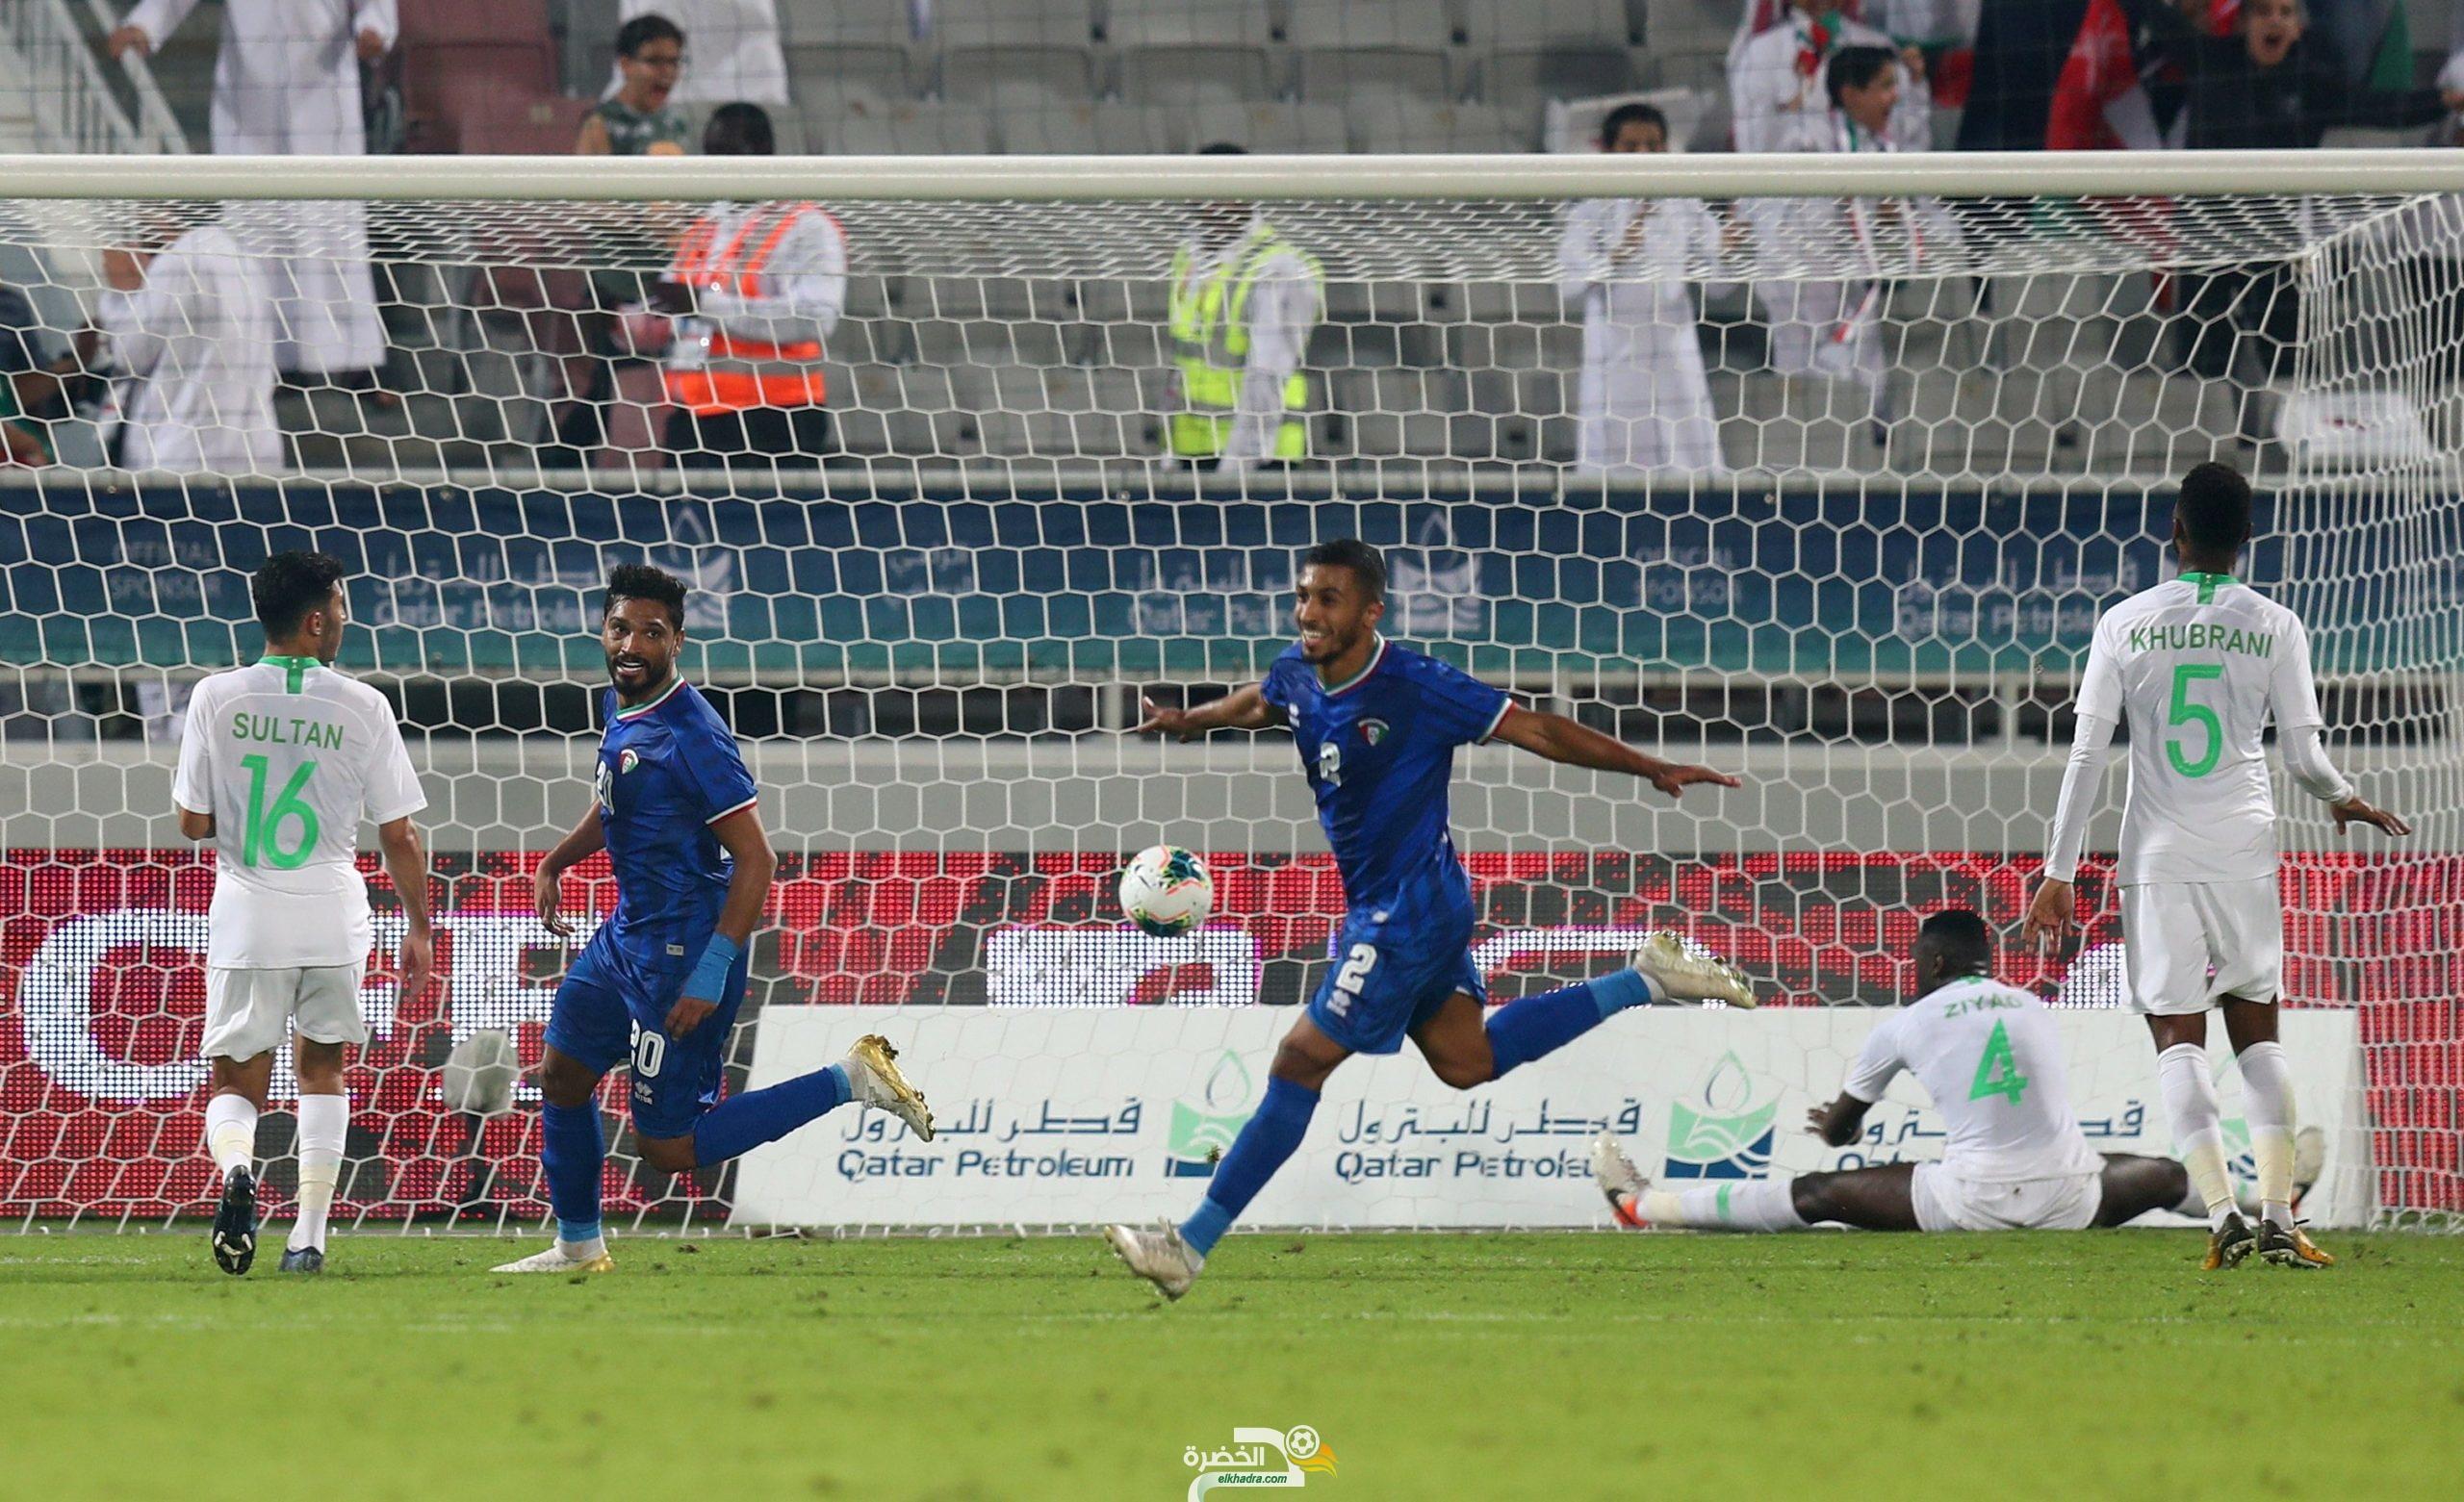 الكويت 3-1 السعودية : الأزرق يقول كلمته في كلاسيكو الخليج 27